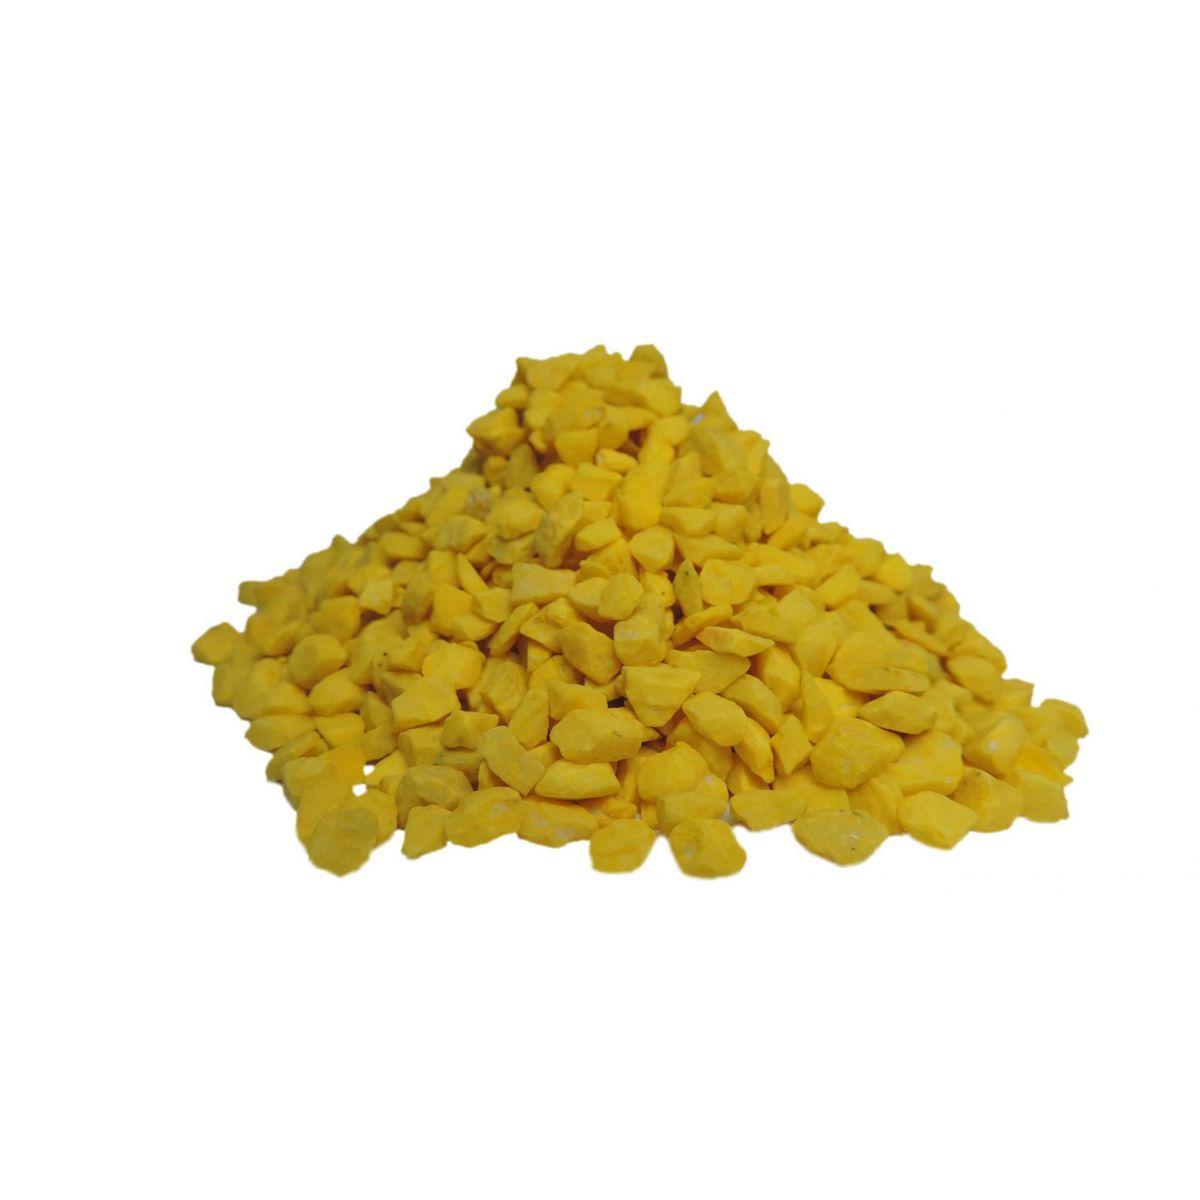 Pedras ornamentais para decoração e aquários 800g - Amarelo Gema